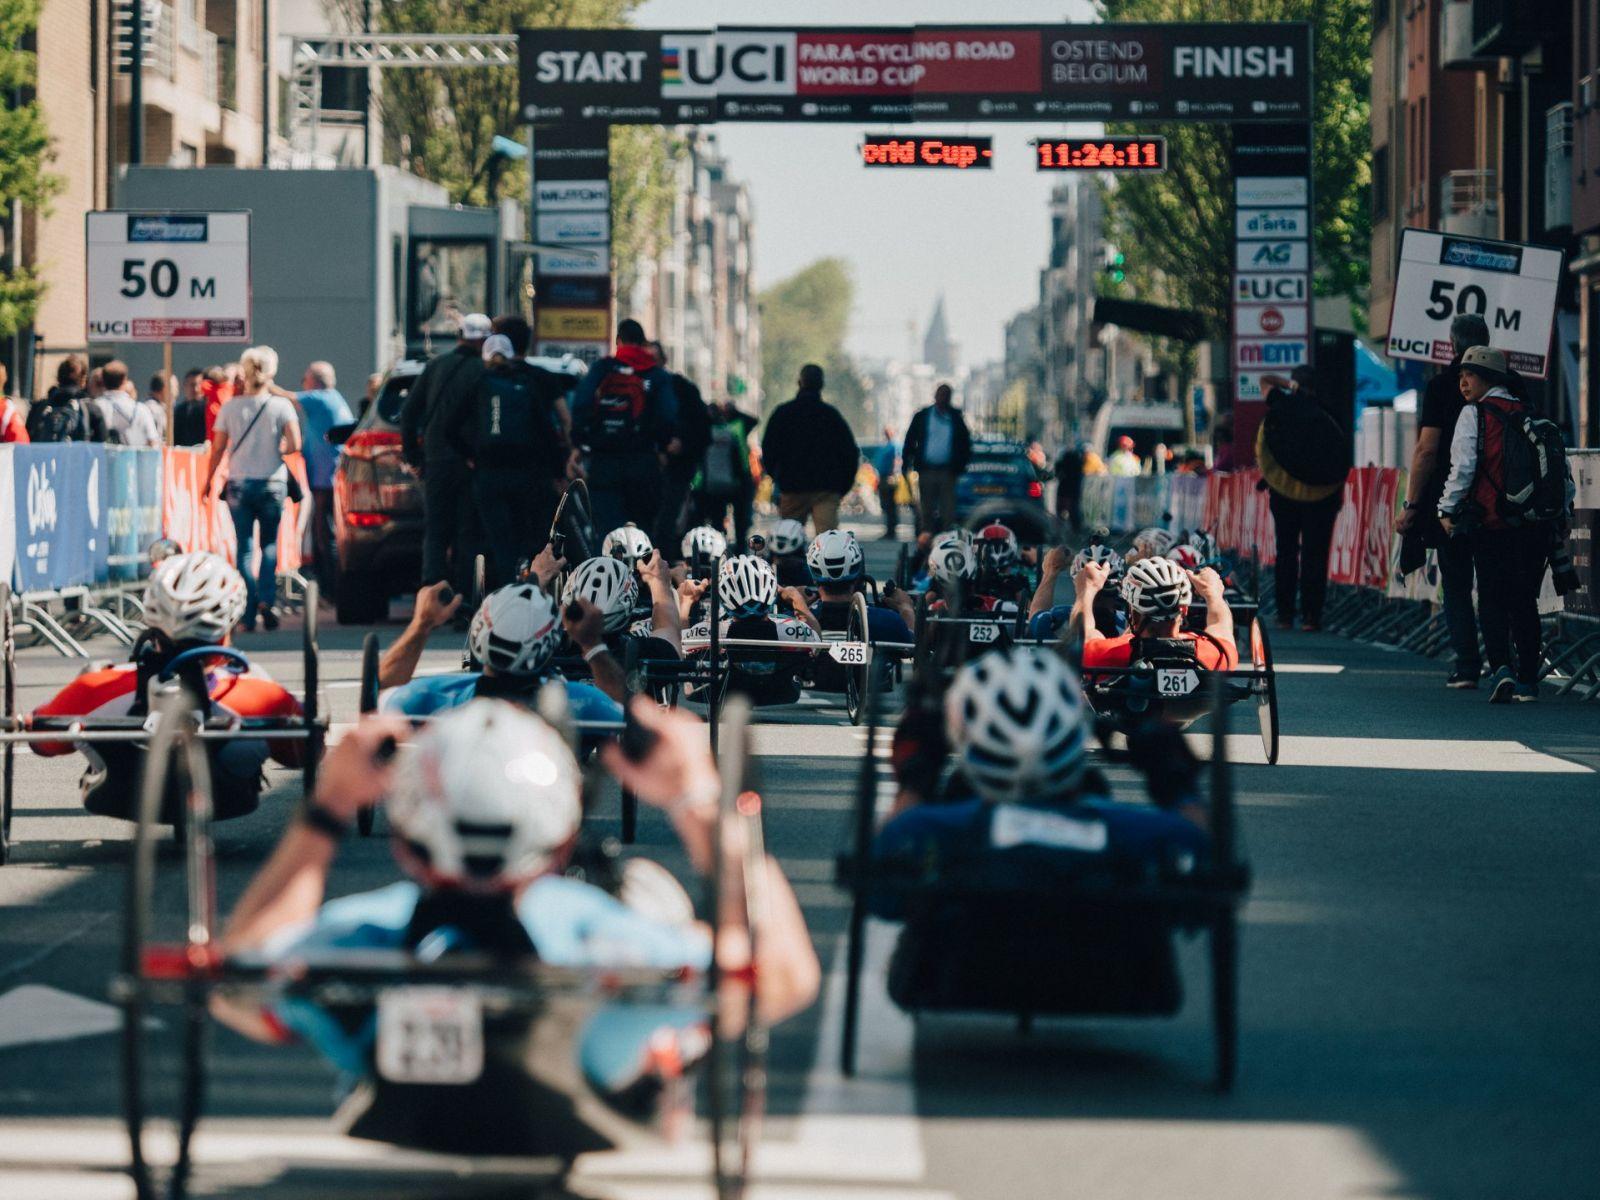 Российские спортсмены завоевали золотую, серебряную и бронзовую медали на 1 этапе Кубка мира по велоспорту среди лиц с ПОДА и нарушением зрения в Бельгии